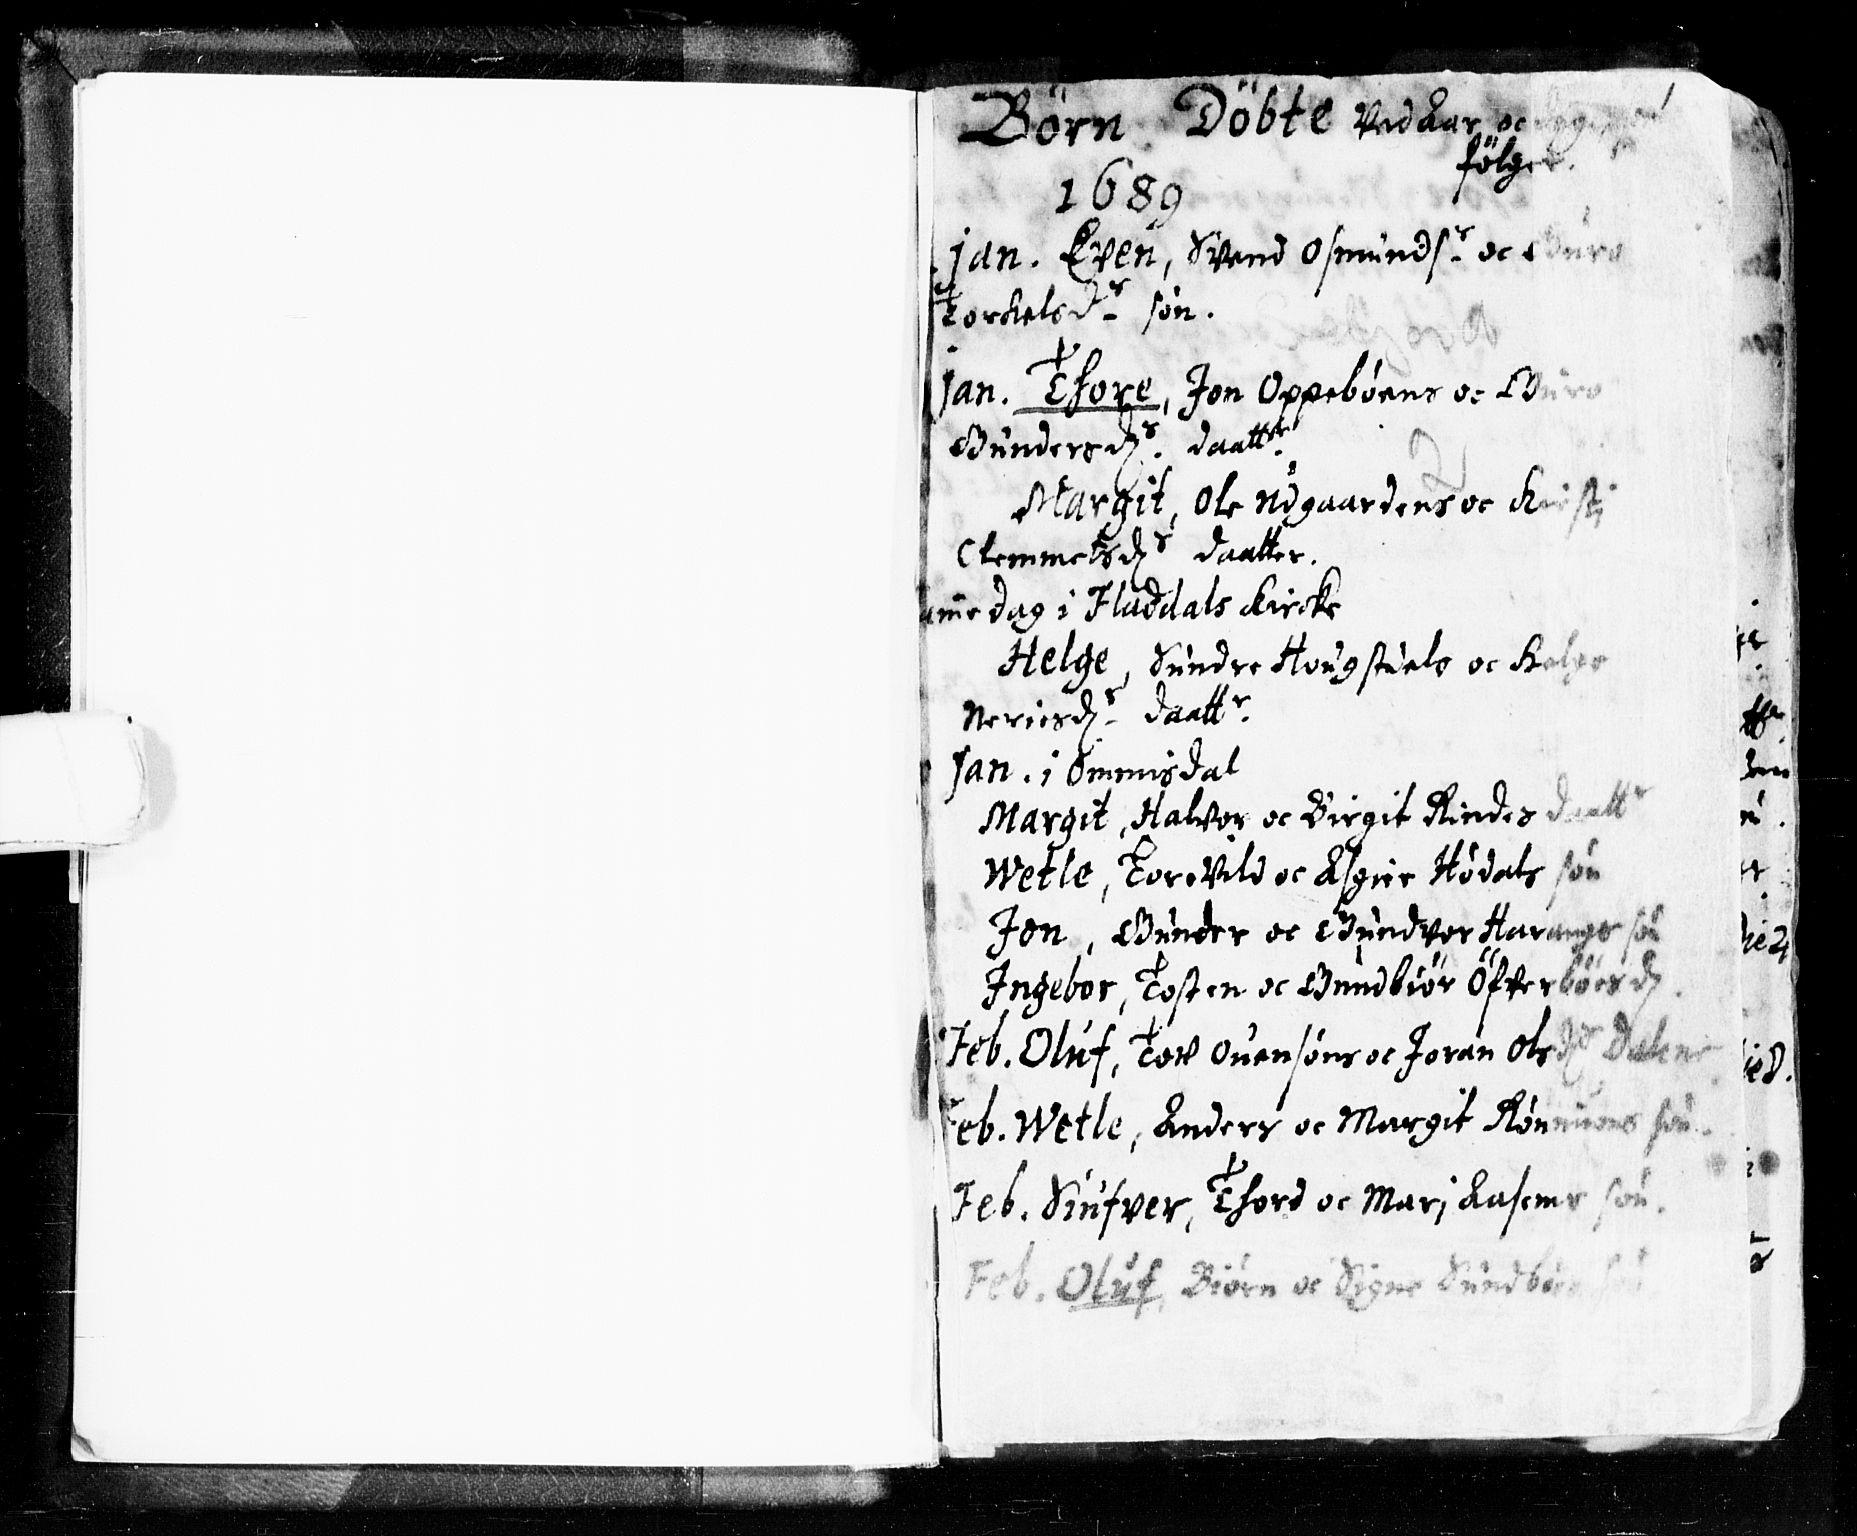 SAKO, Seljord kirkebøker, F/Fa/L0002: Ministerialbok nr. I 2, 1689-1713, s. 0-1